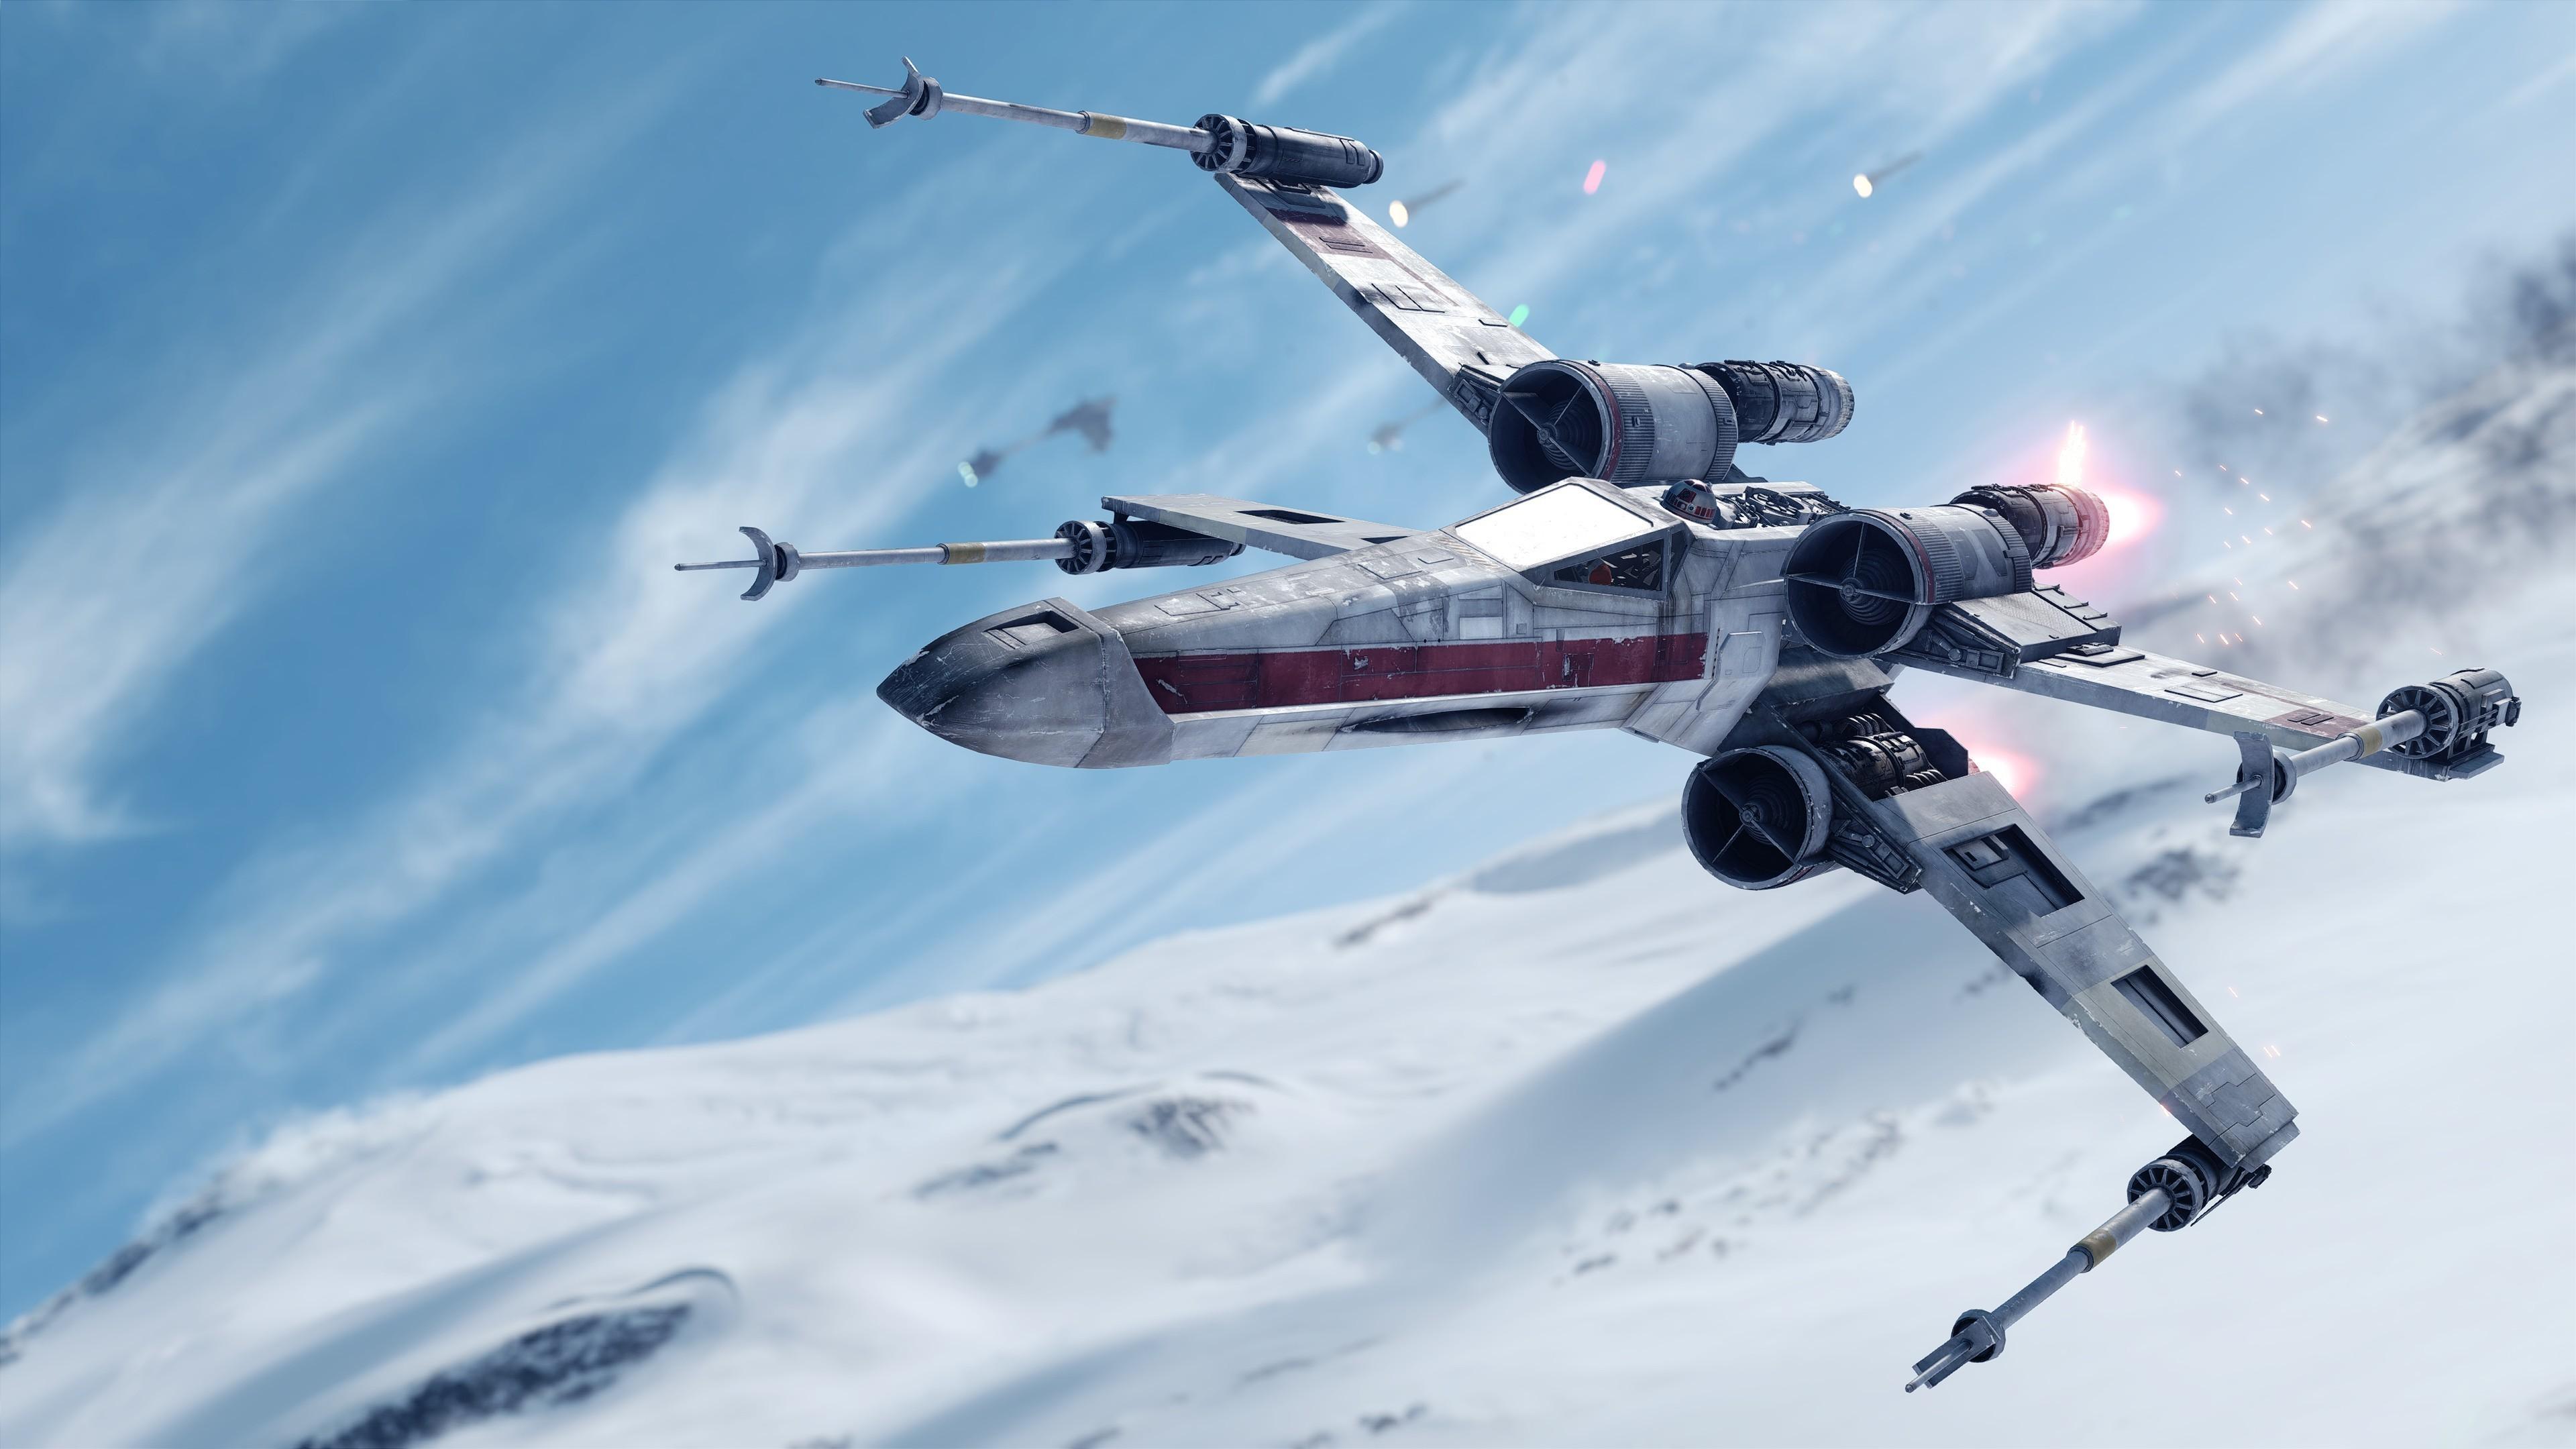 Star Wars 4k Wallpaper 51 Images